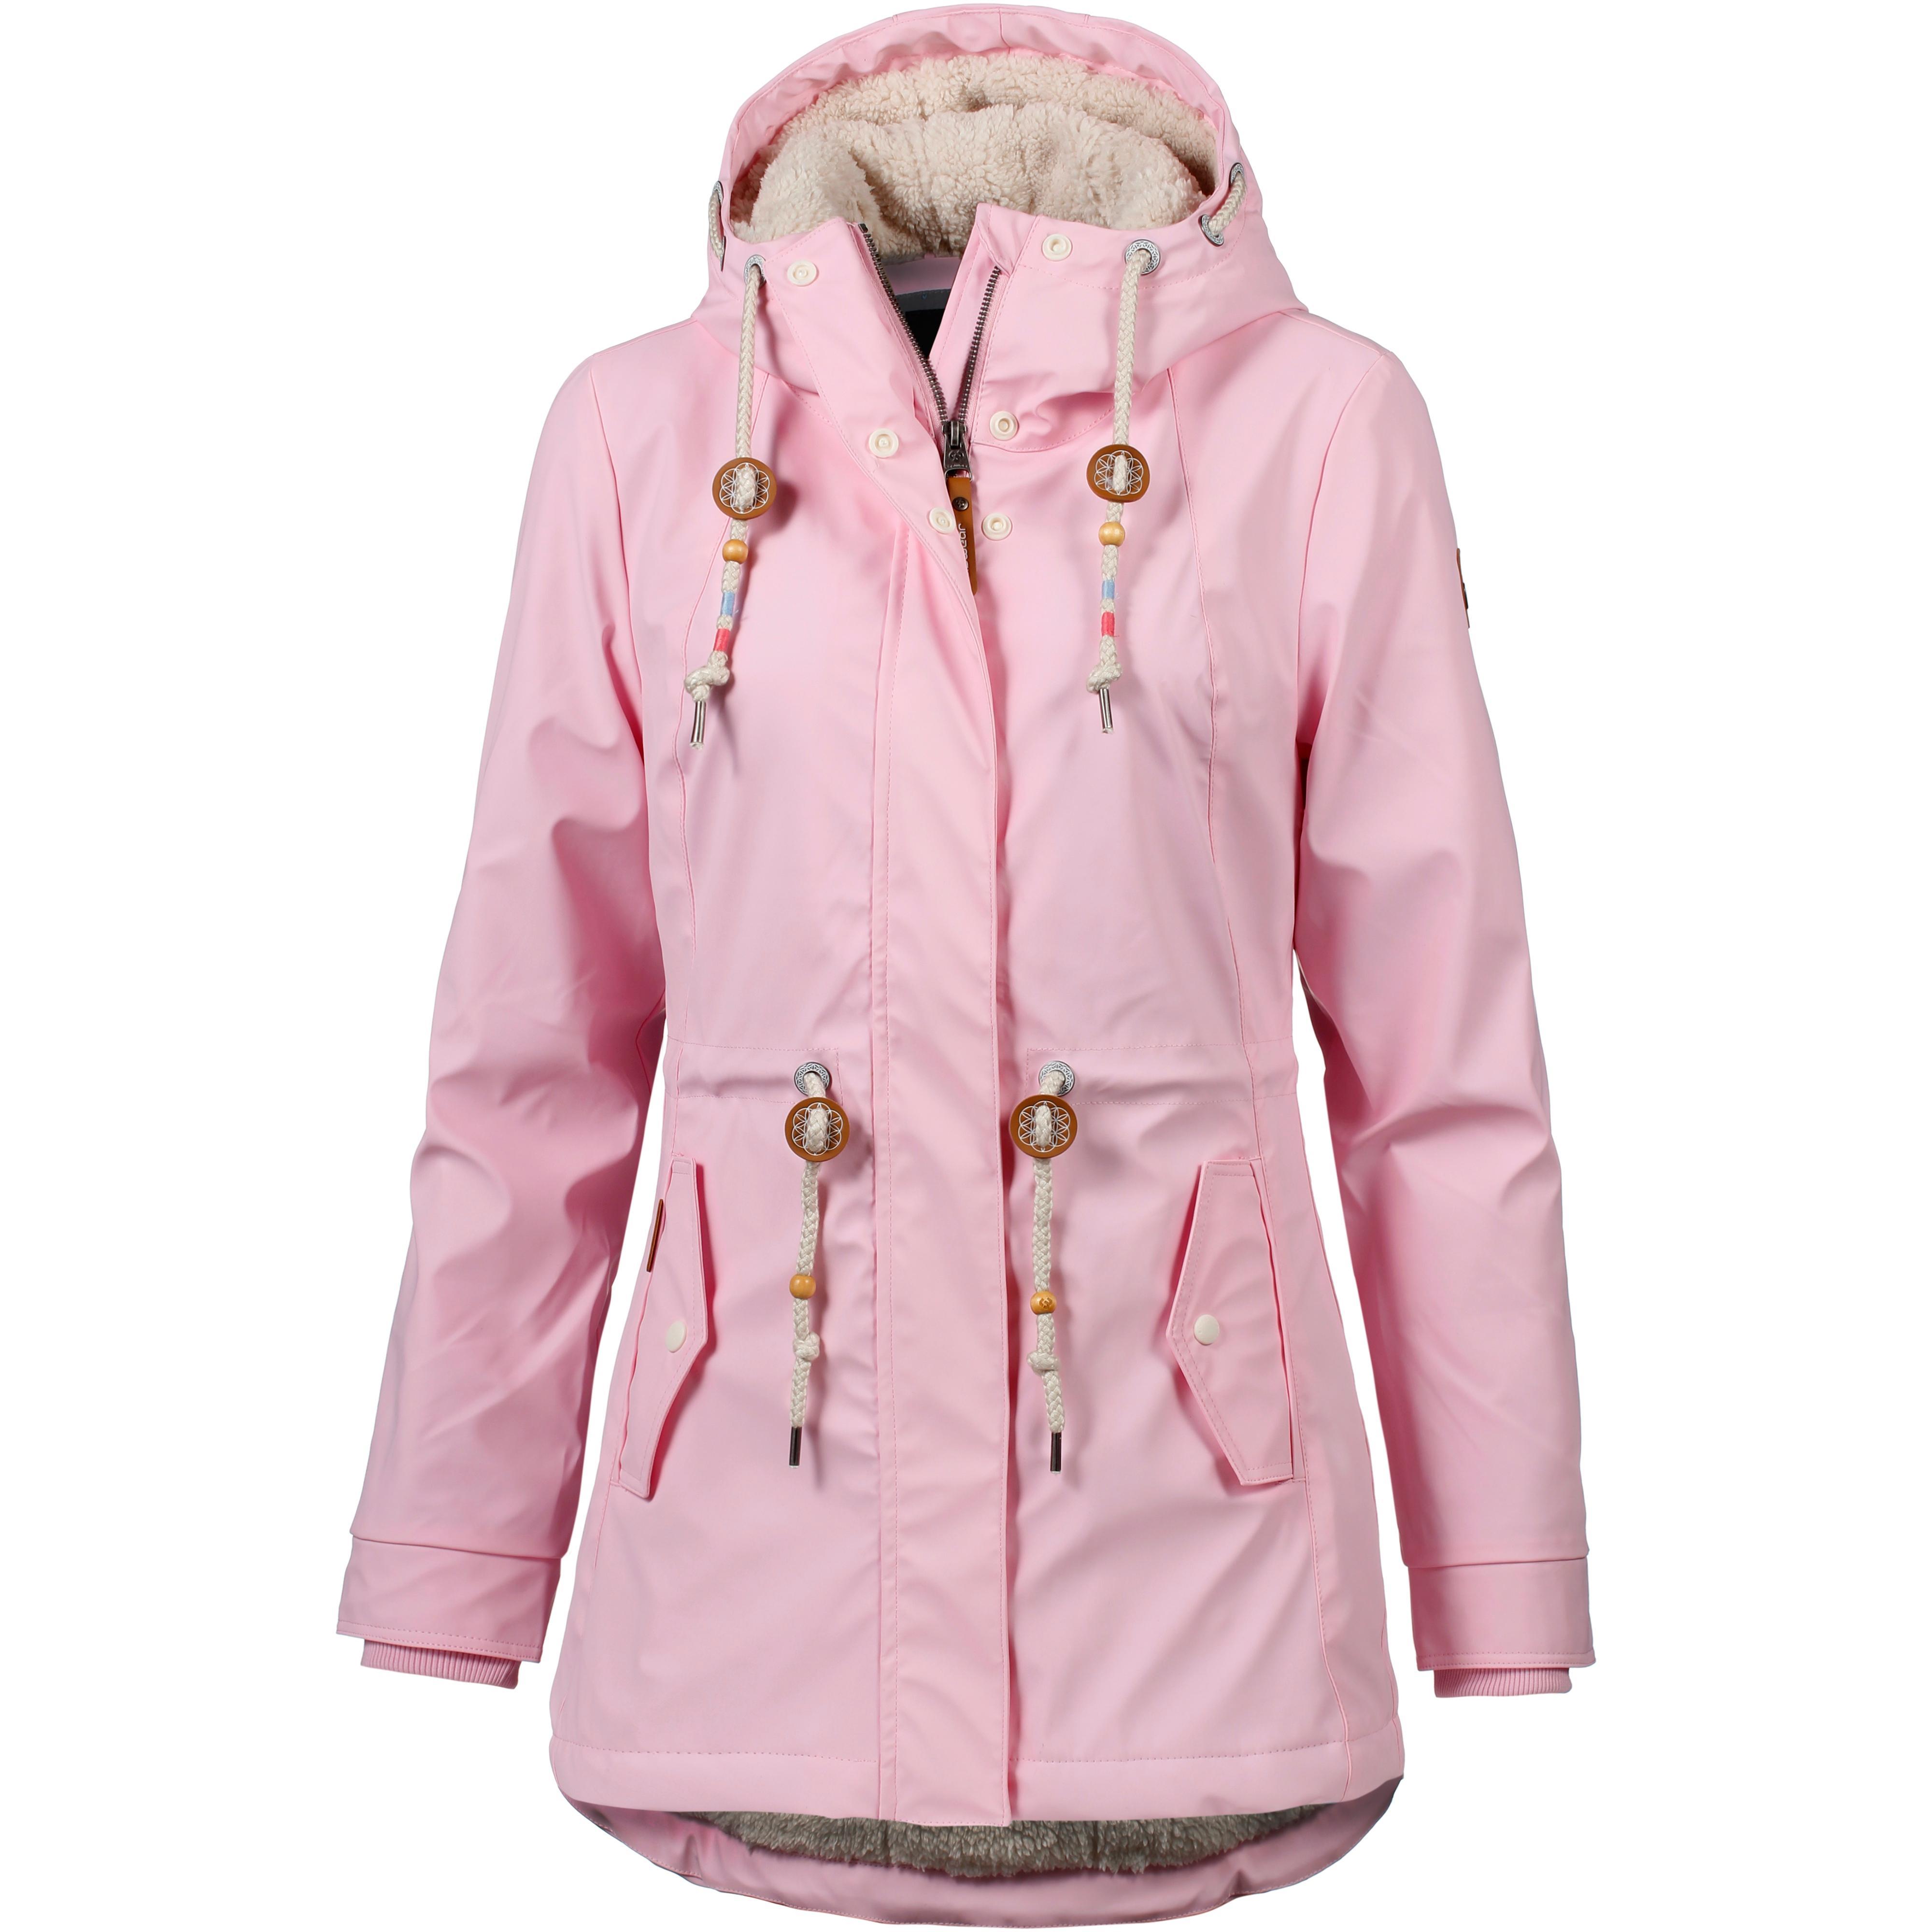 Shop Sportscheck Monadis Ragwear Damen Im Regenjacke Kaufen Pink Online Von l1TK5uFJc3